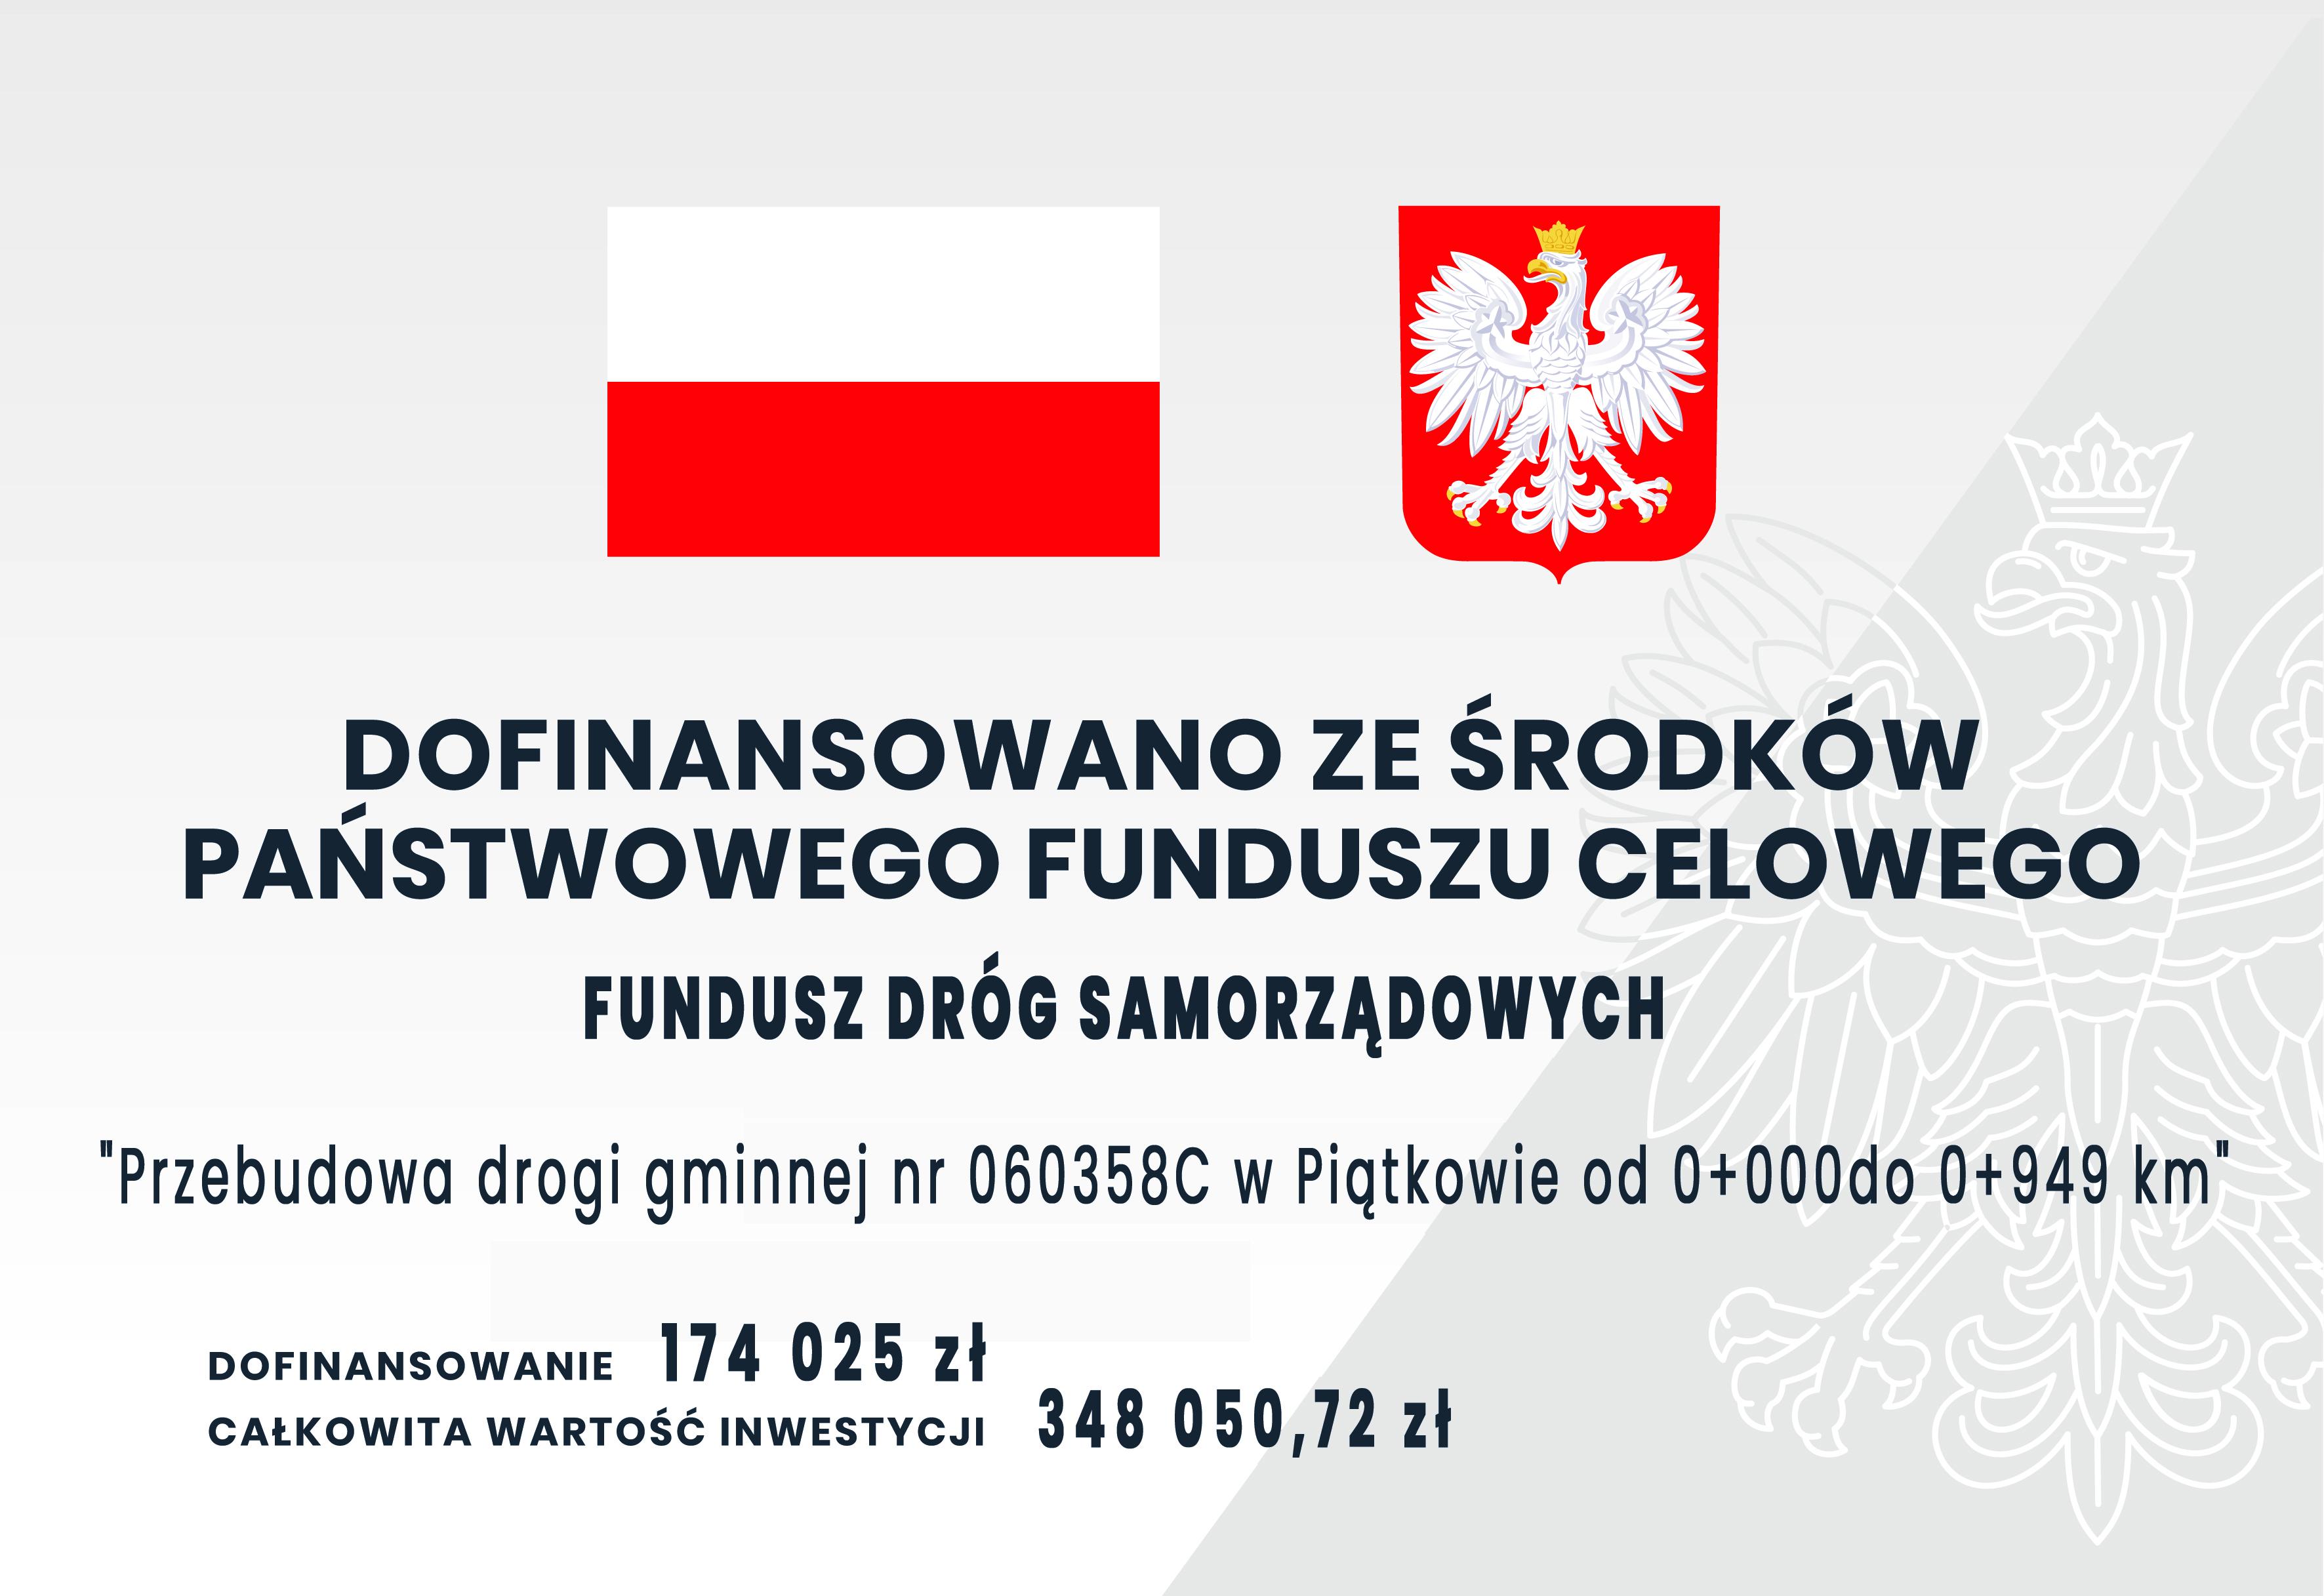 Tablica informacyjna - przebudowa drogi gminnej w Piątkowie